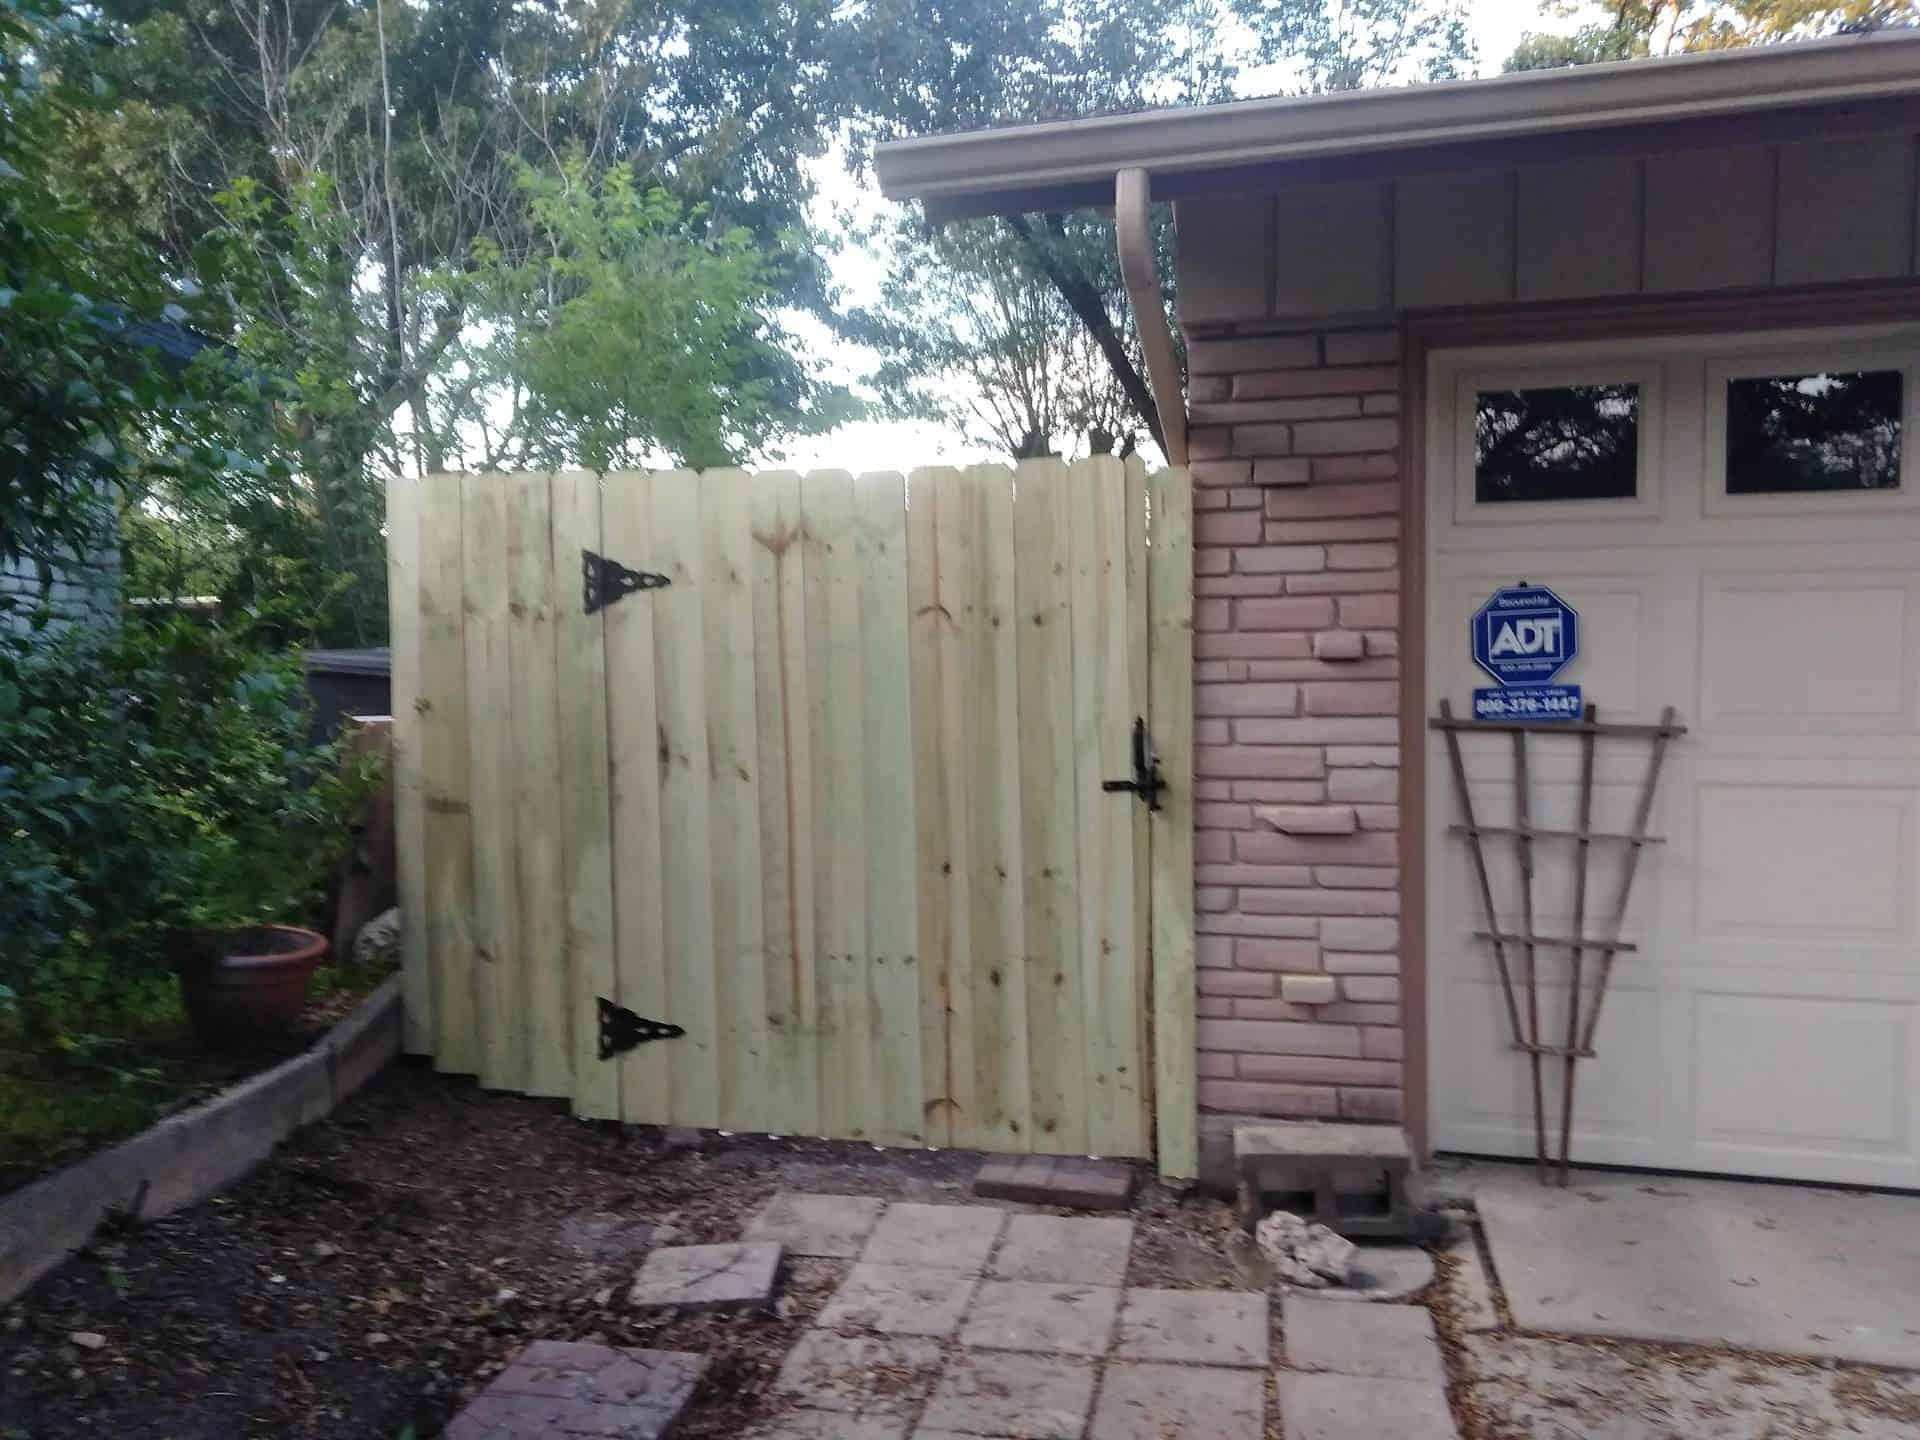 Rev. Consuelo Gates and Tiny Home